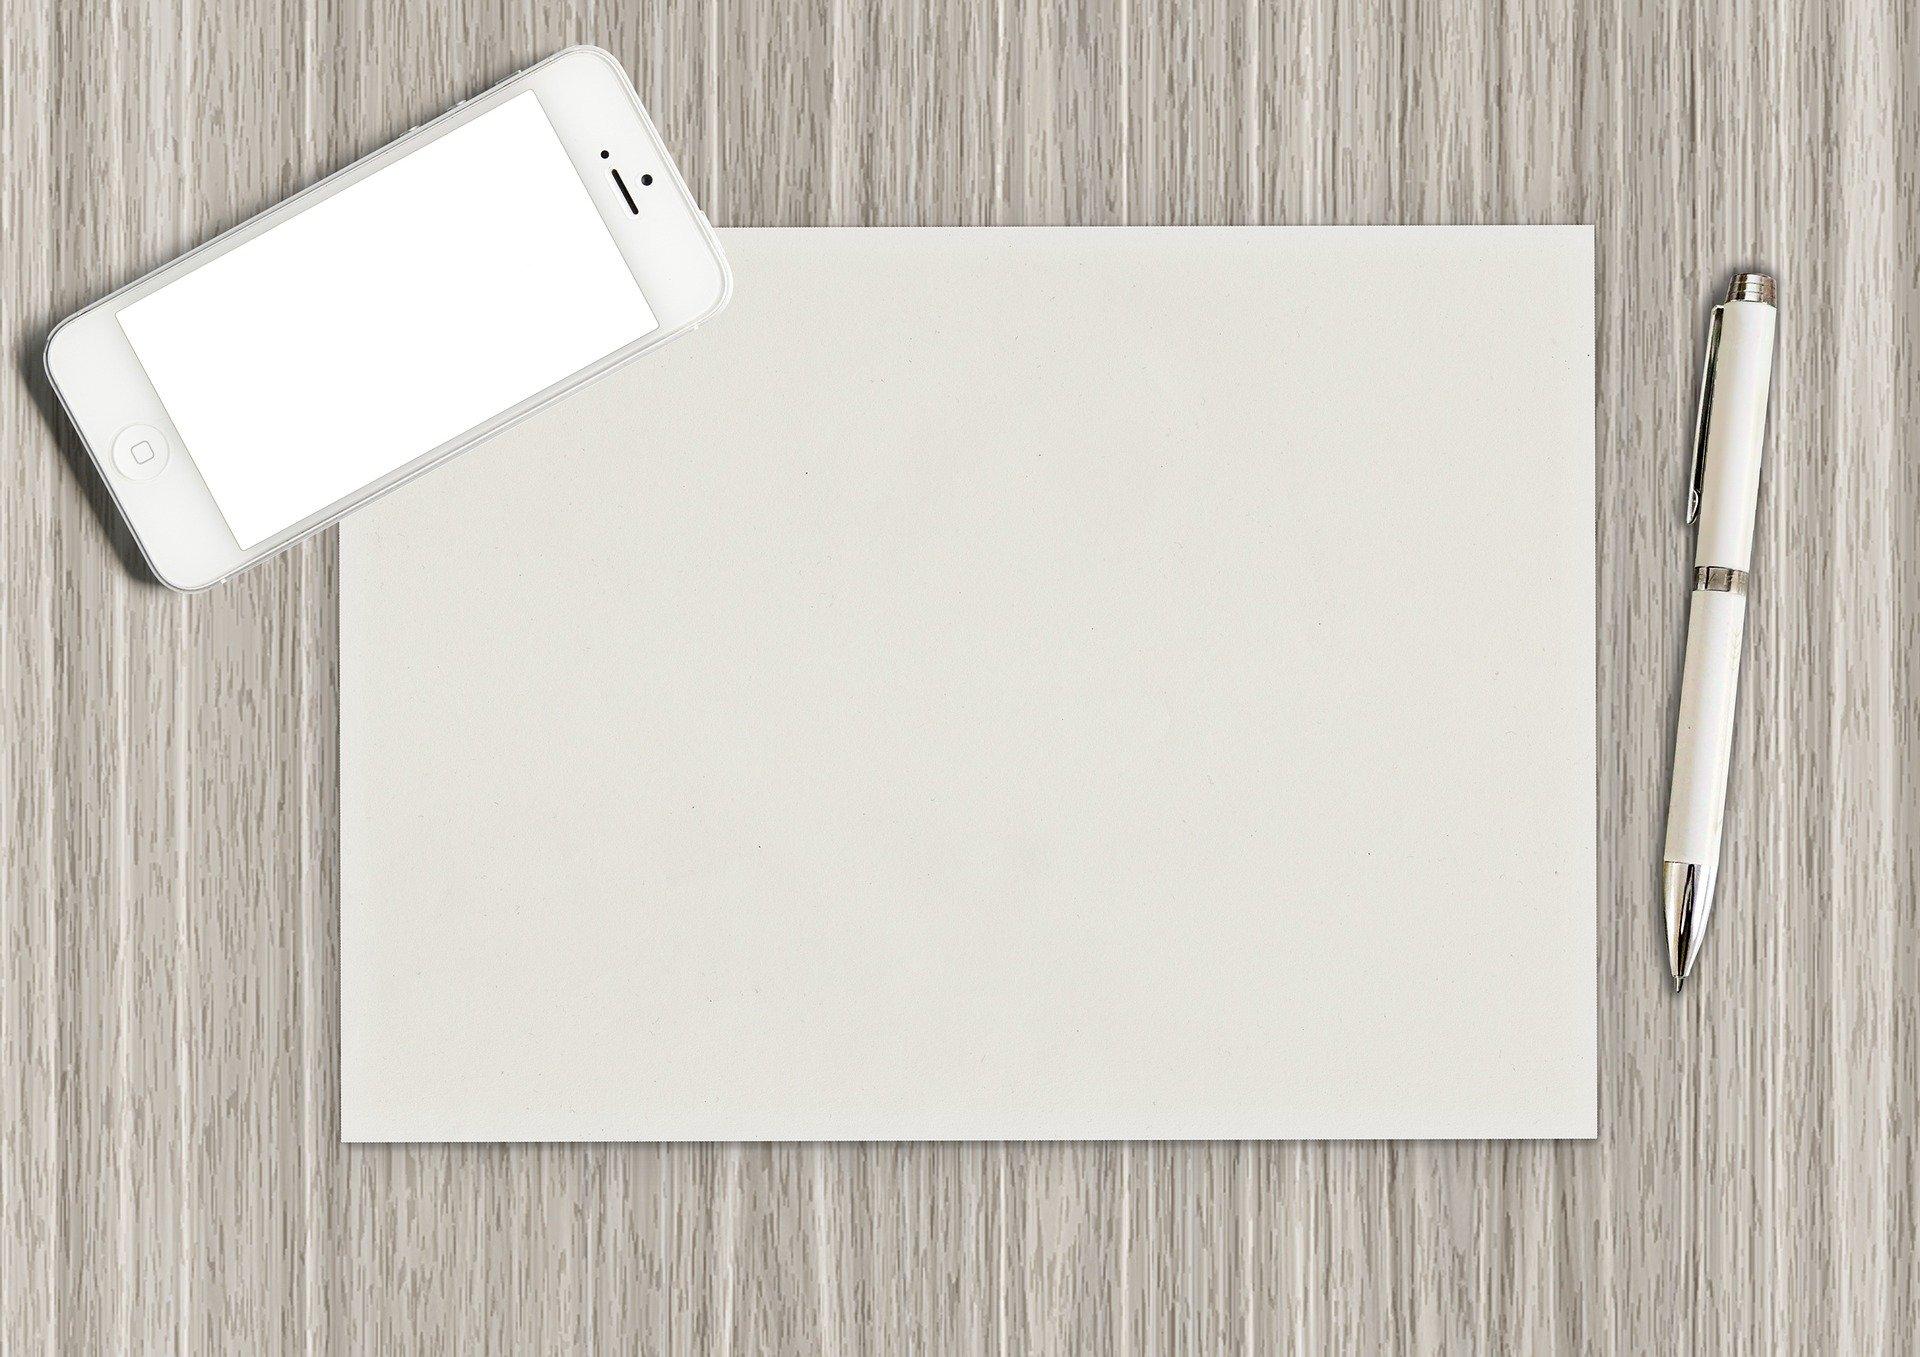 Exemple & Modèle de lettre de déclaration de surendettement